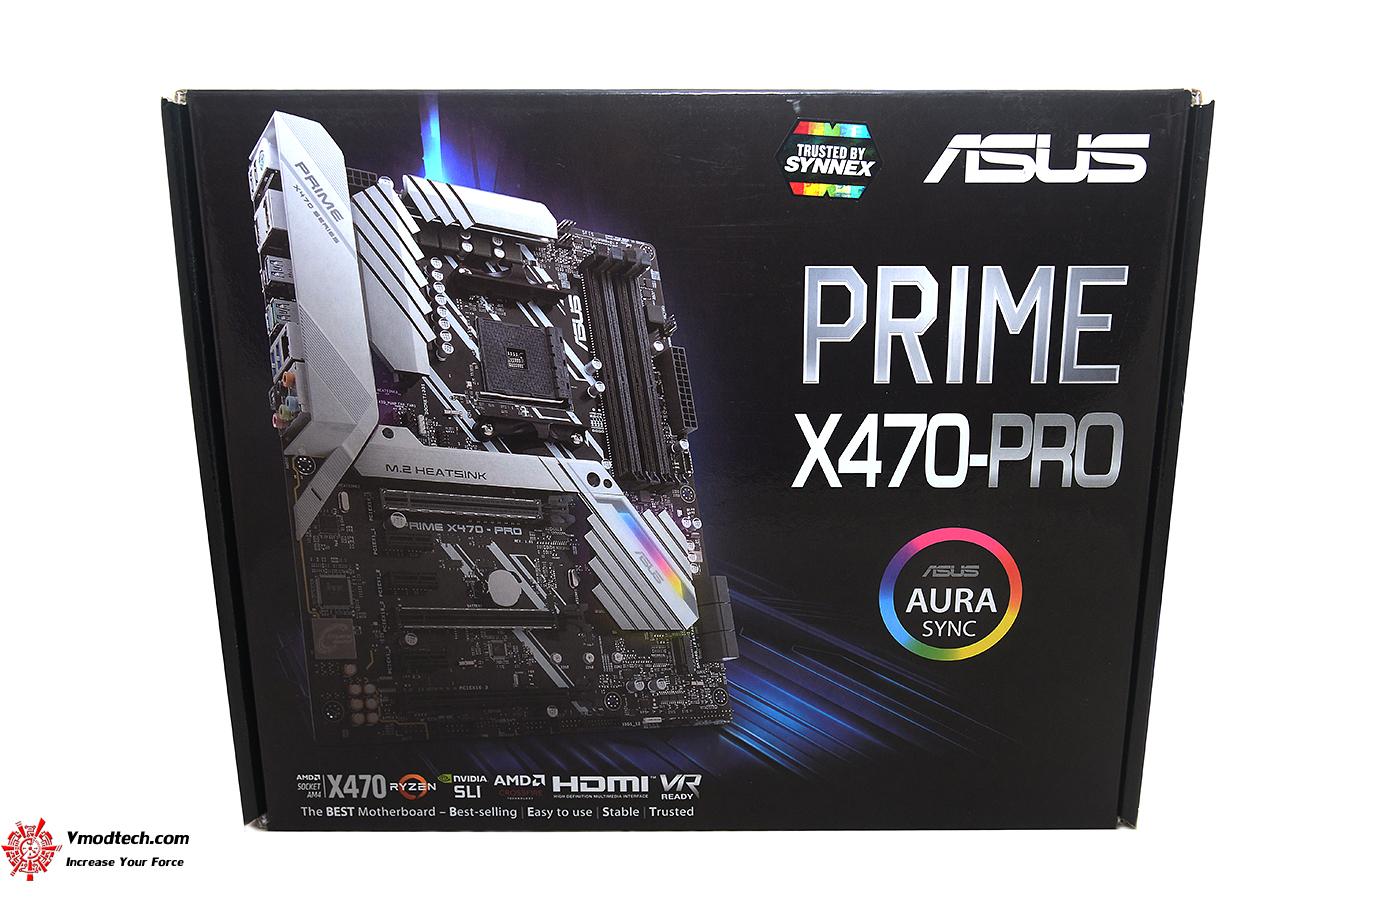 dsc 1830 ASUS PRIME X470 PRO REVIEW